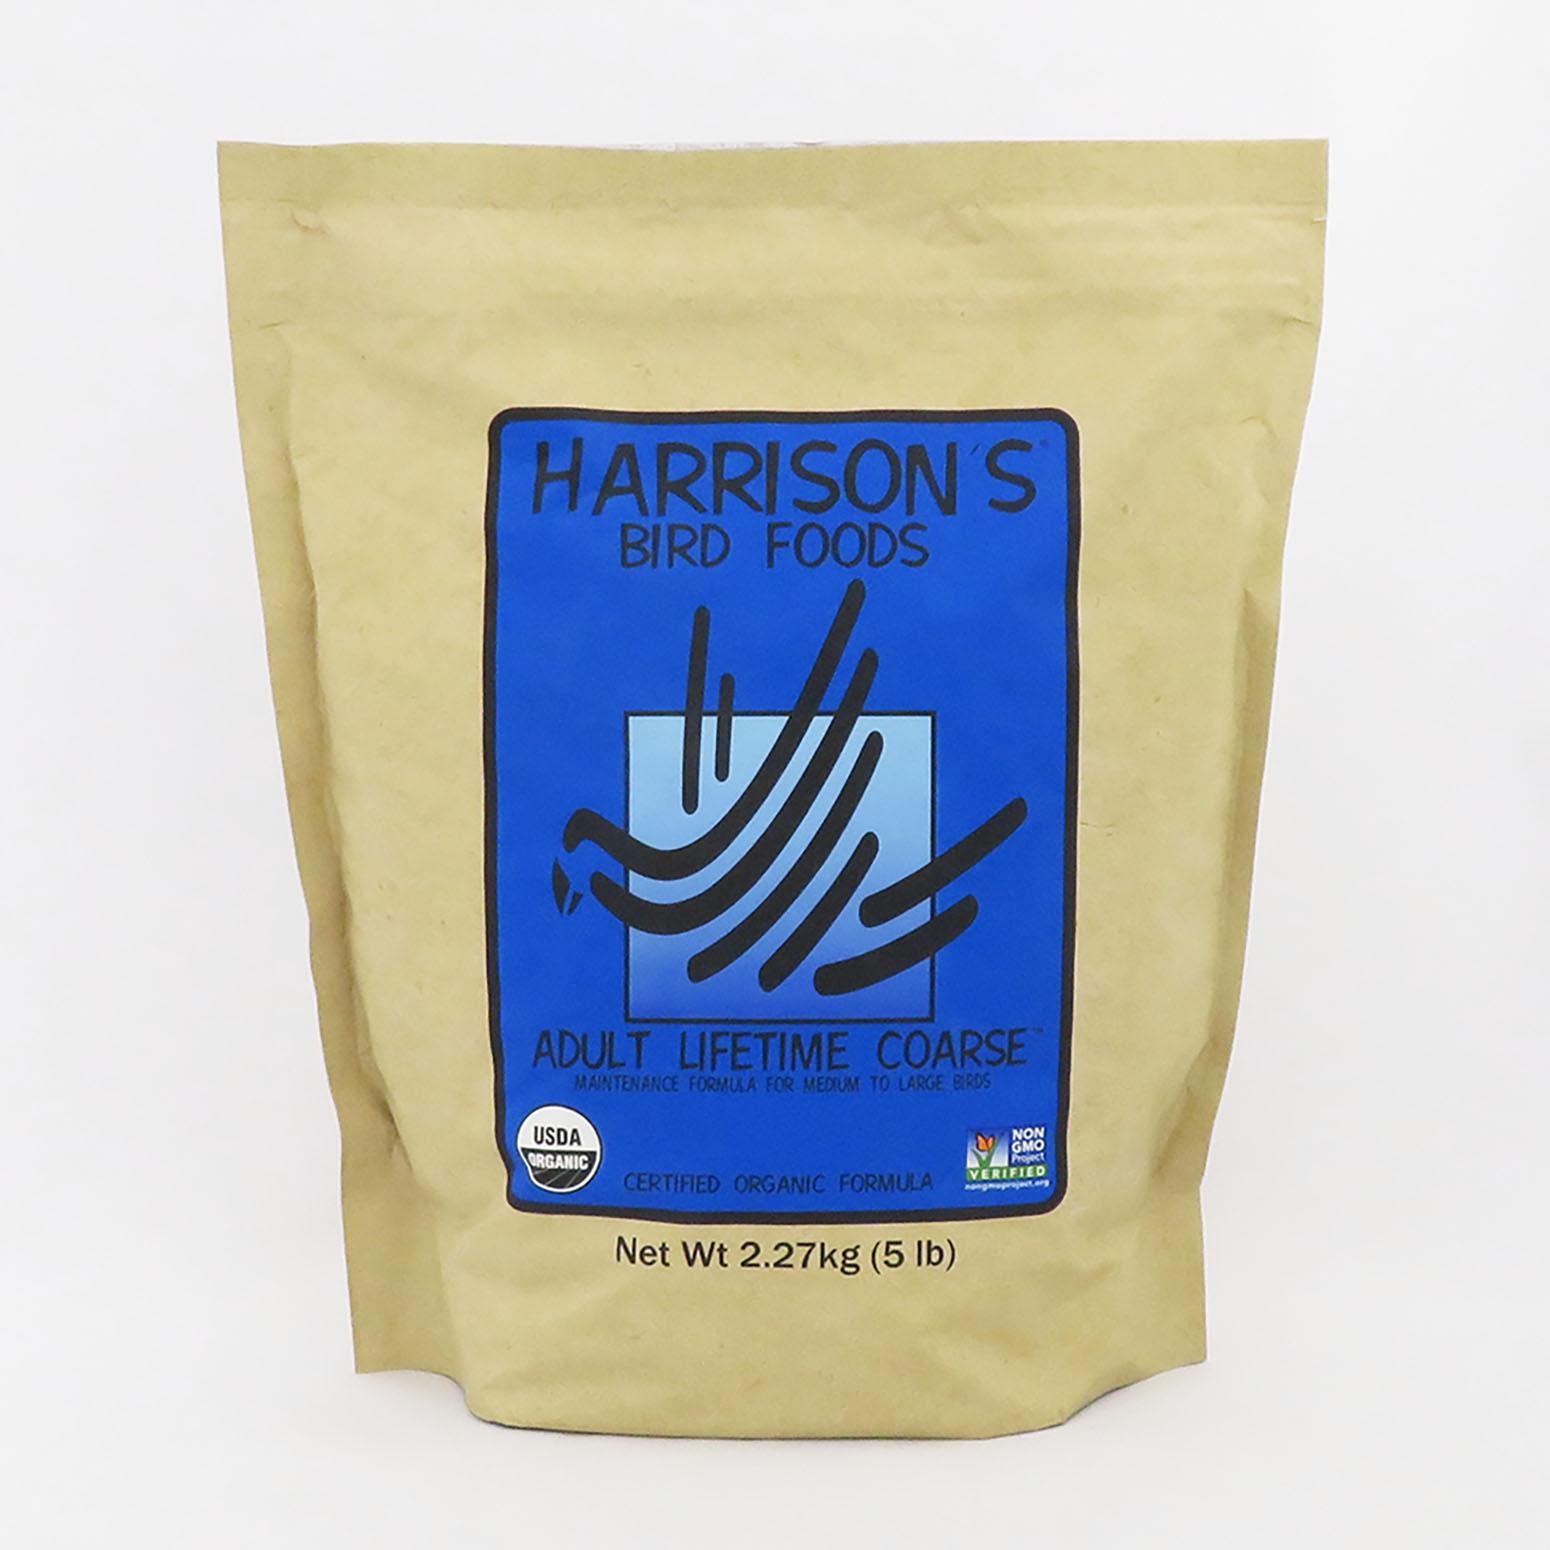 【Harrison】アダルトライフタイム コース[大粒]2.27kg